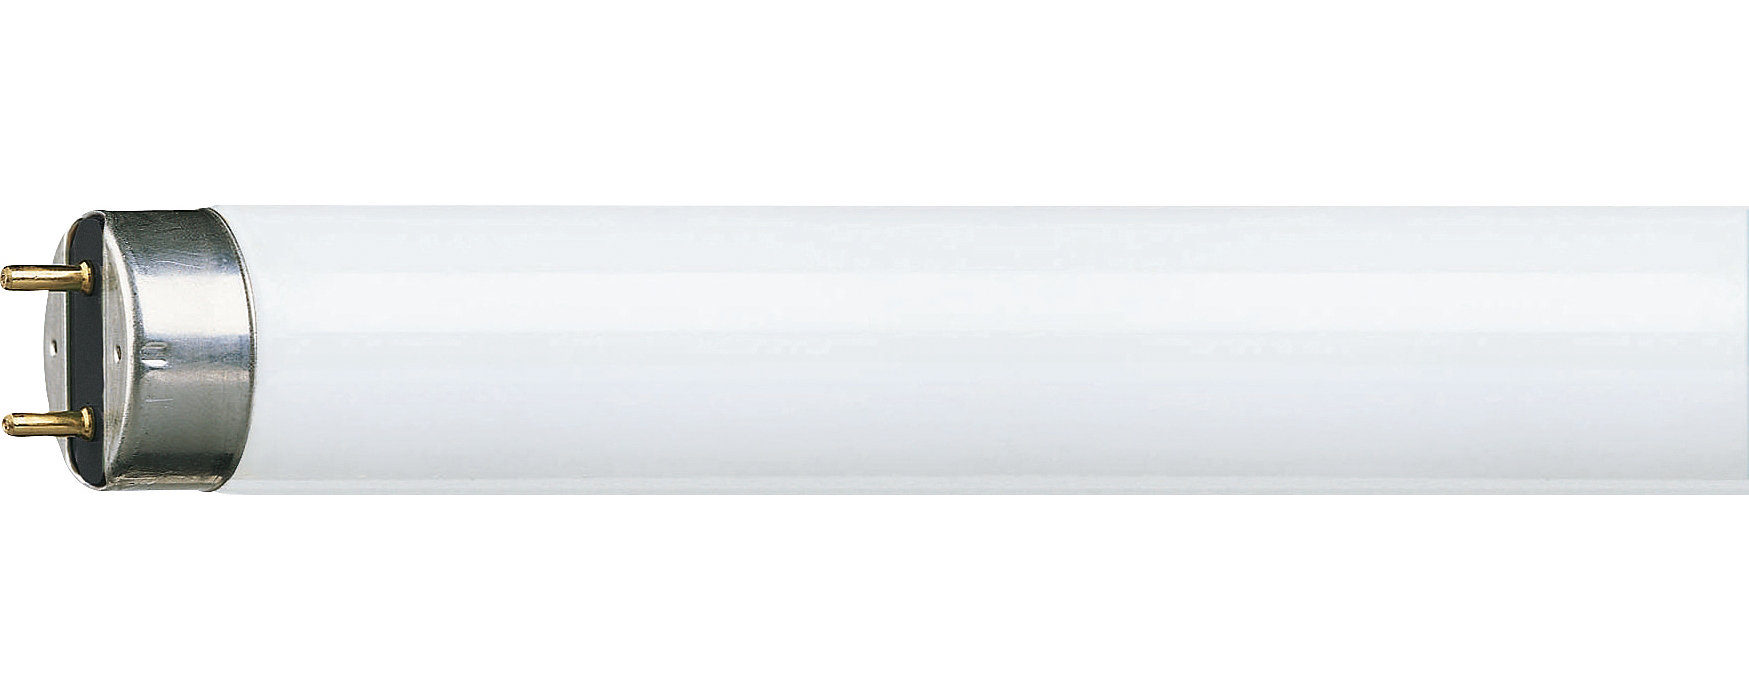 Efficiënte fluorescentieverlichting met verbeterde kleurweergave